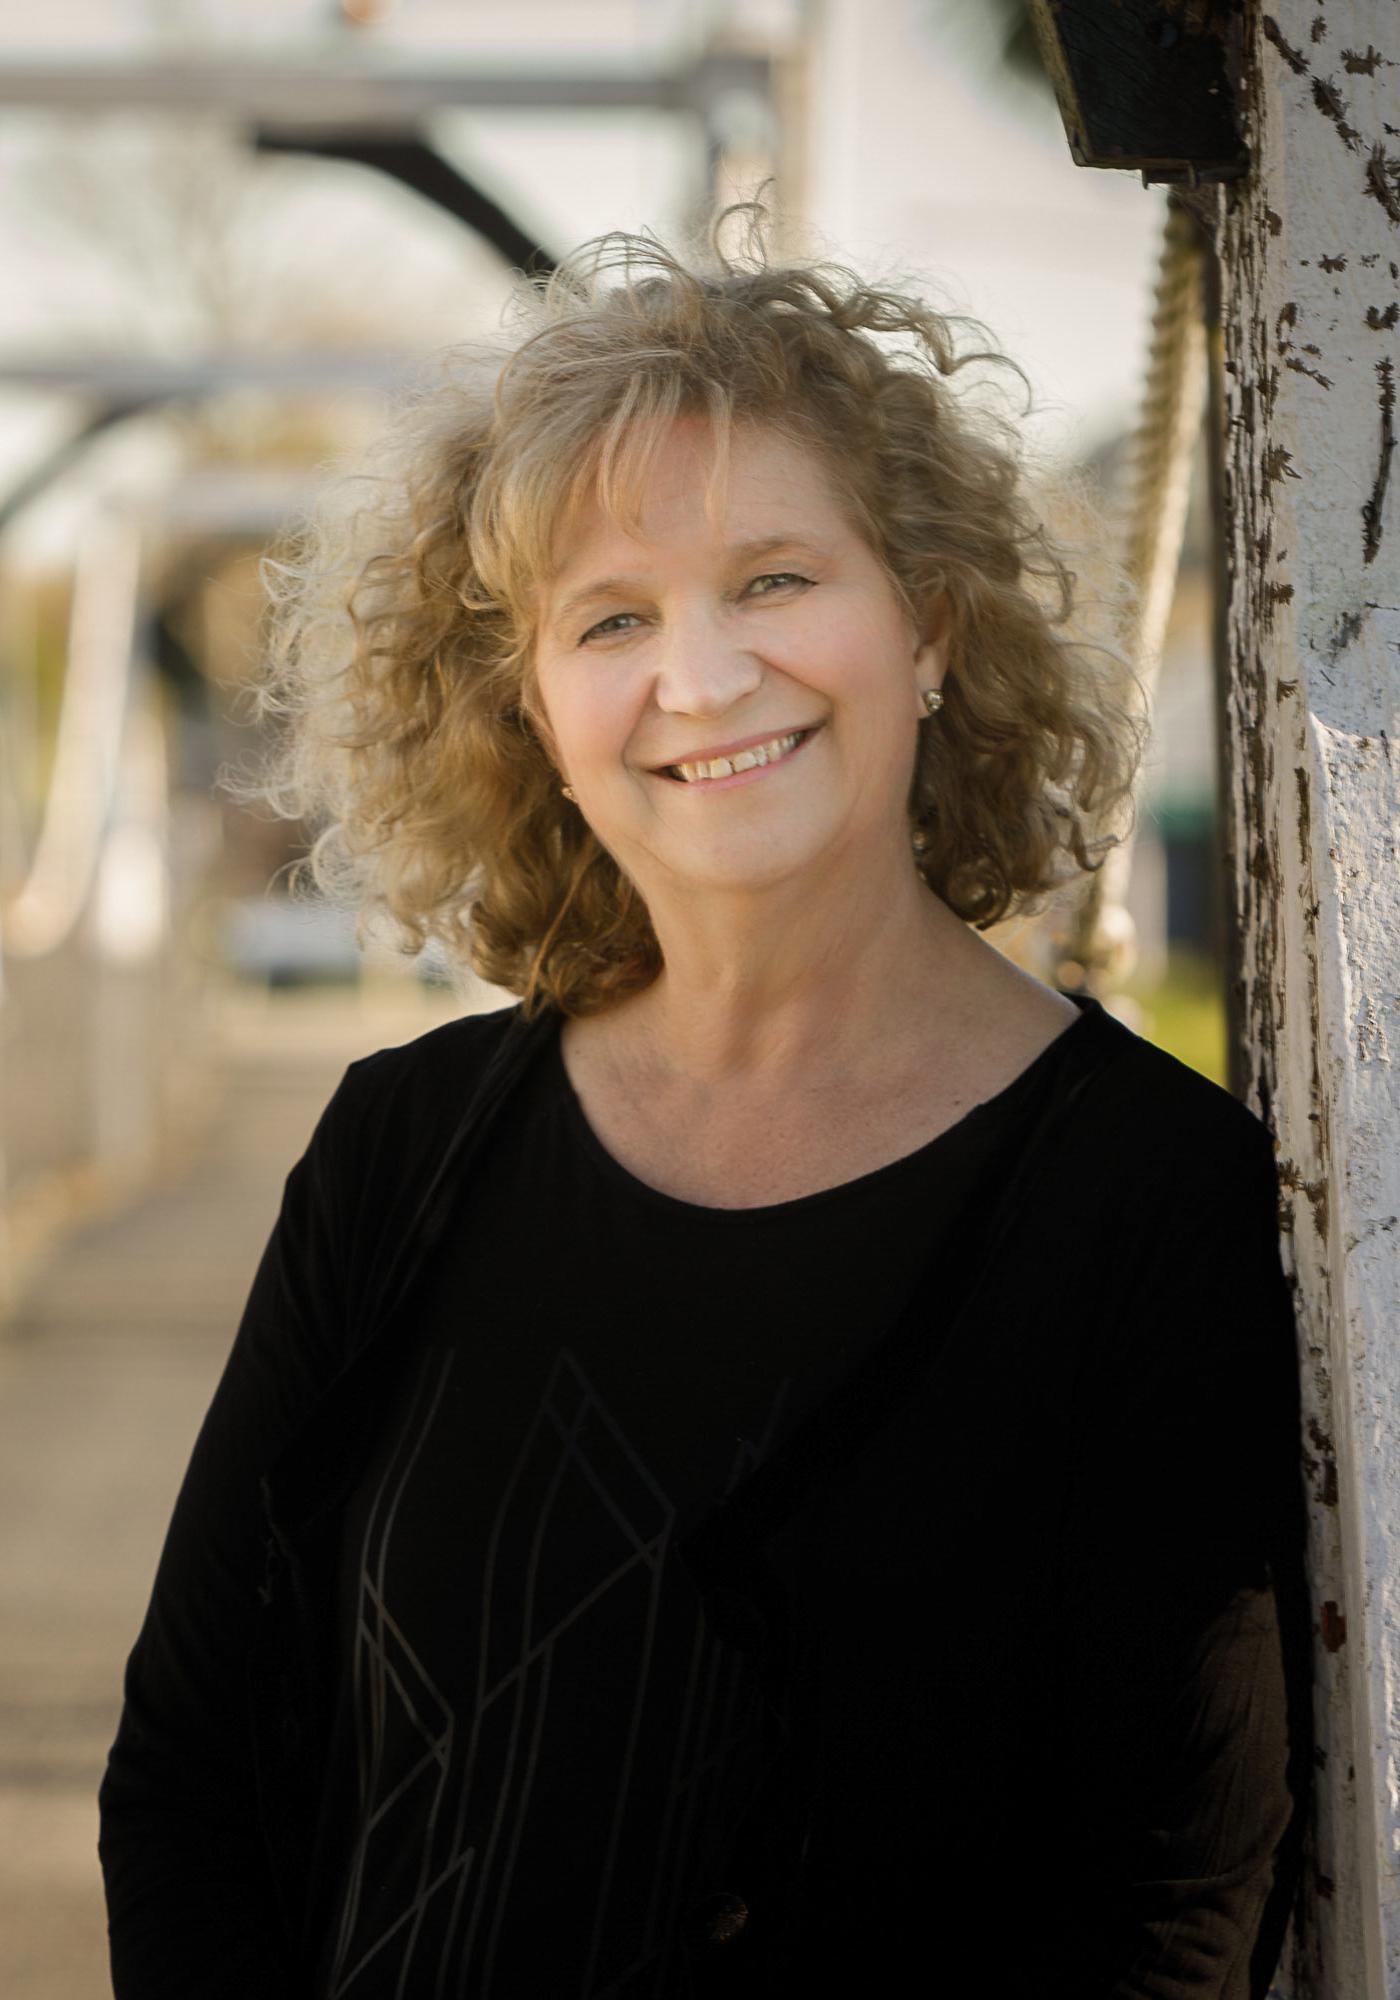 Christine Watton